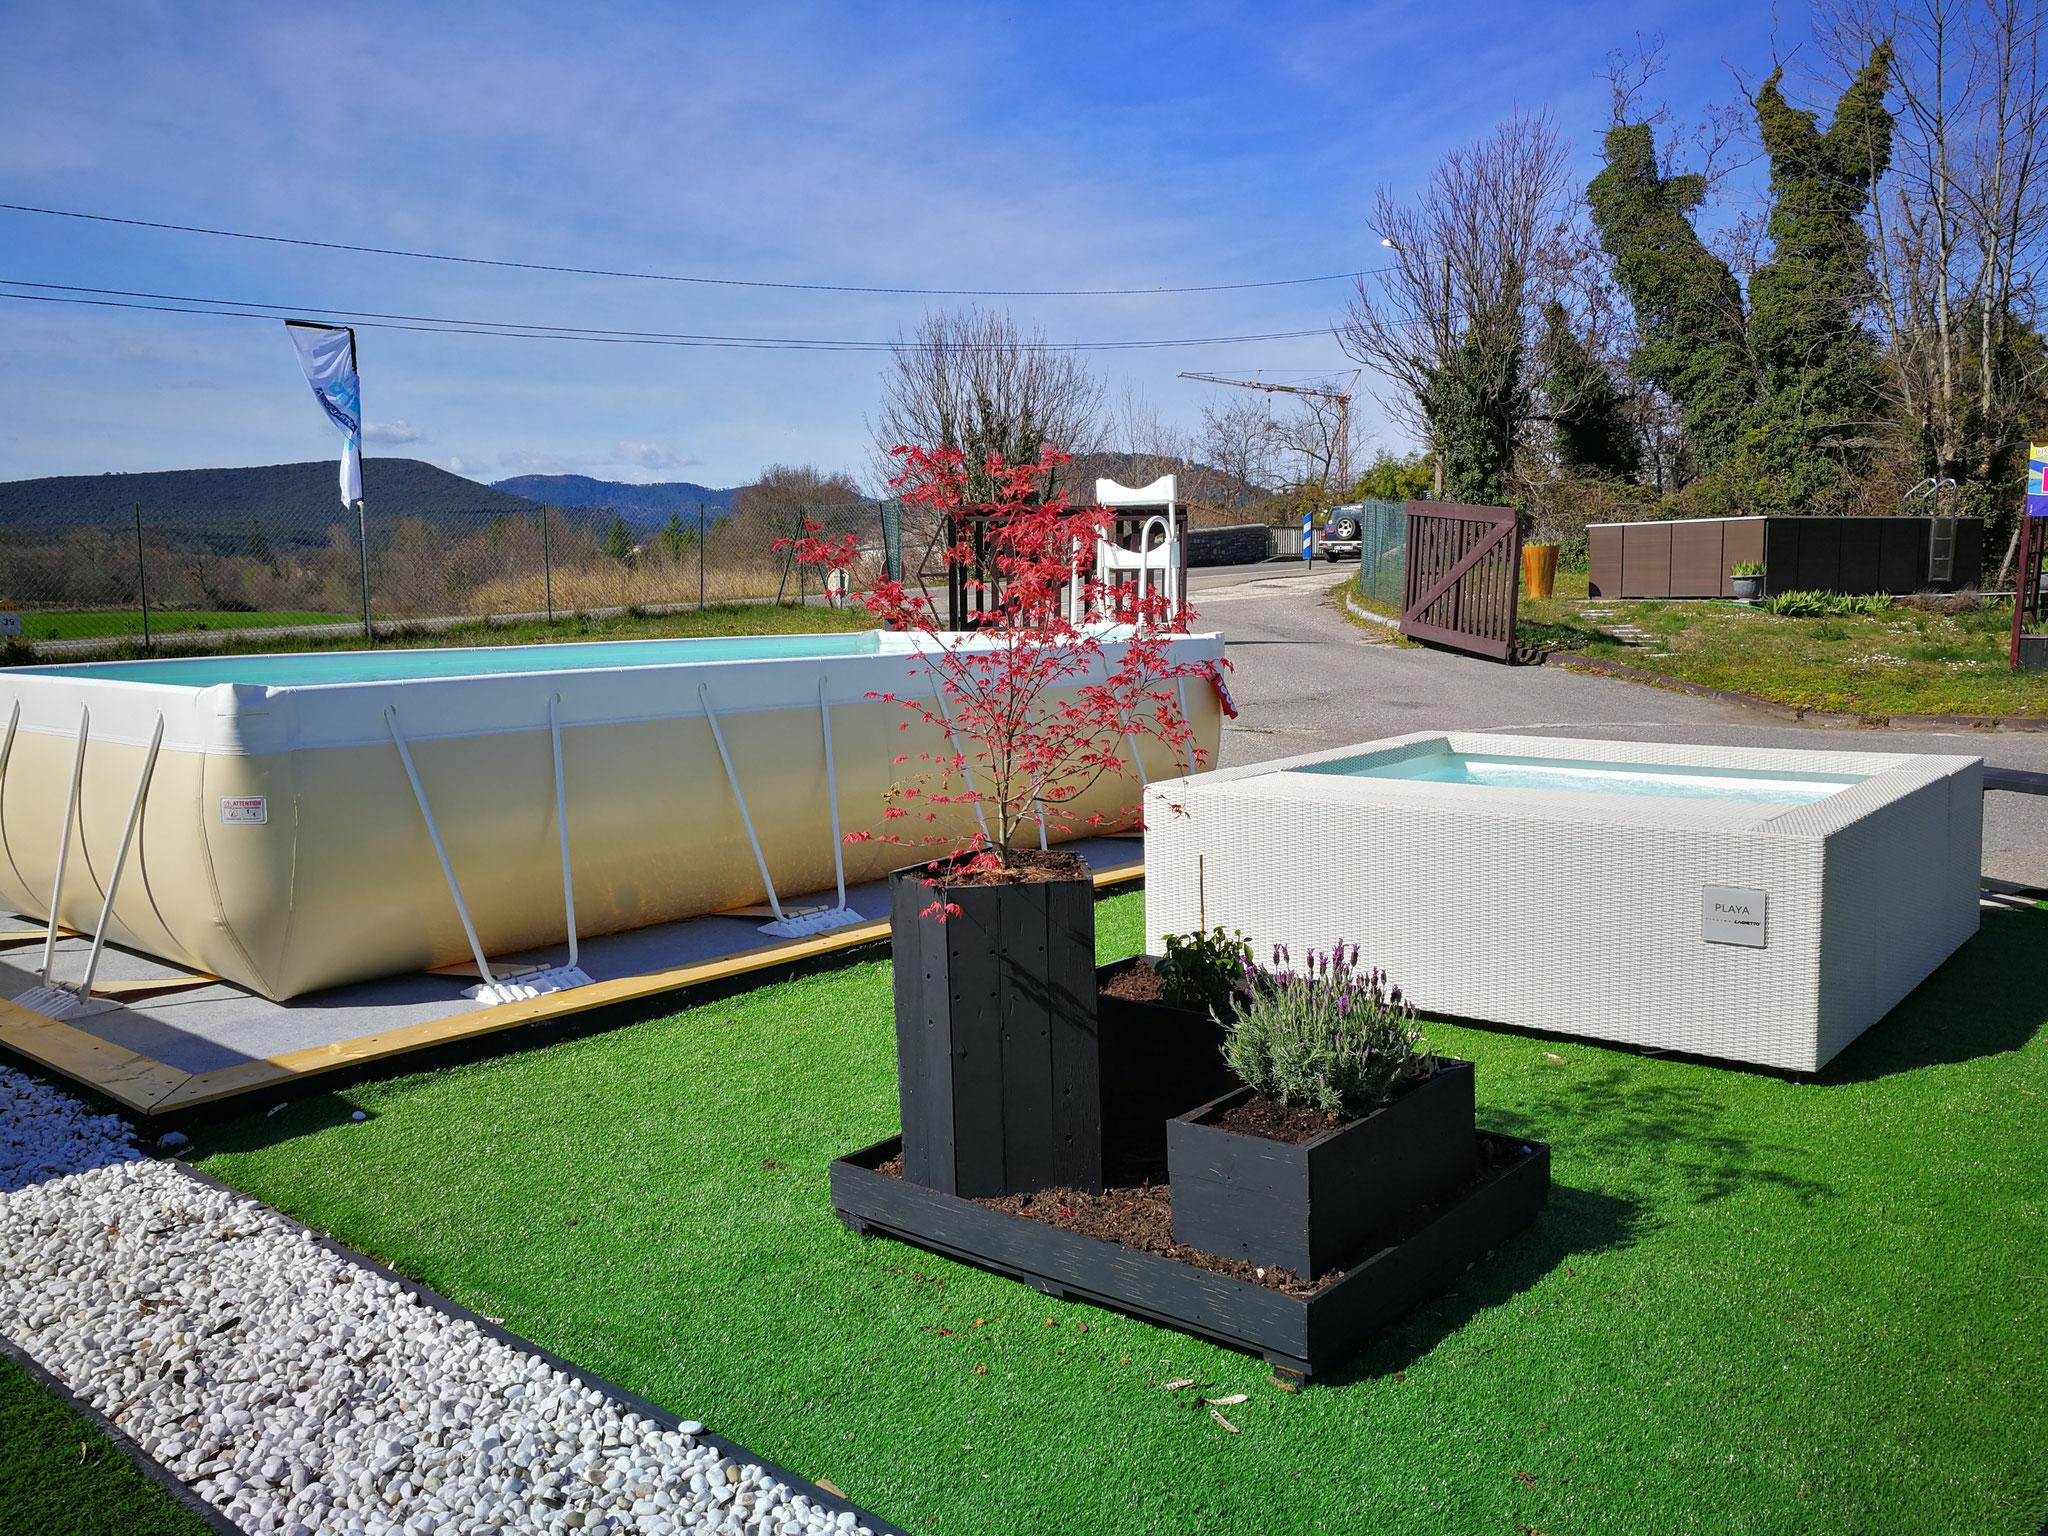 Installation piscines hors sol et enterrées Laghetto® à Saint Christol les Alès proche de Bagnols sur Cèze. Exposition permanente de 8 piscines et spas.